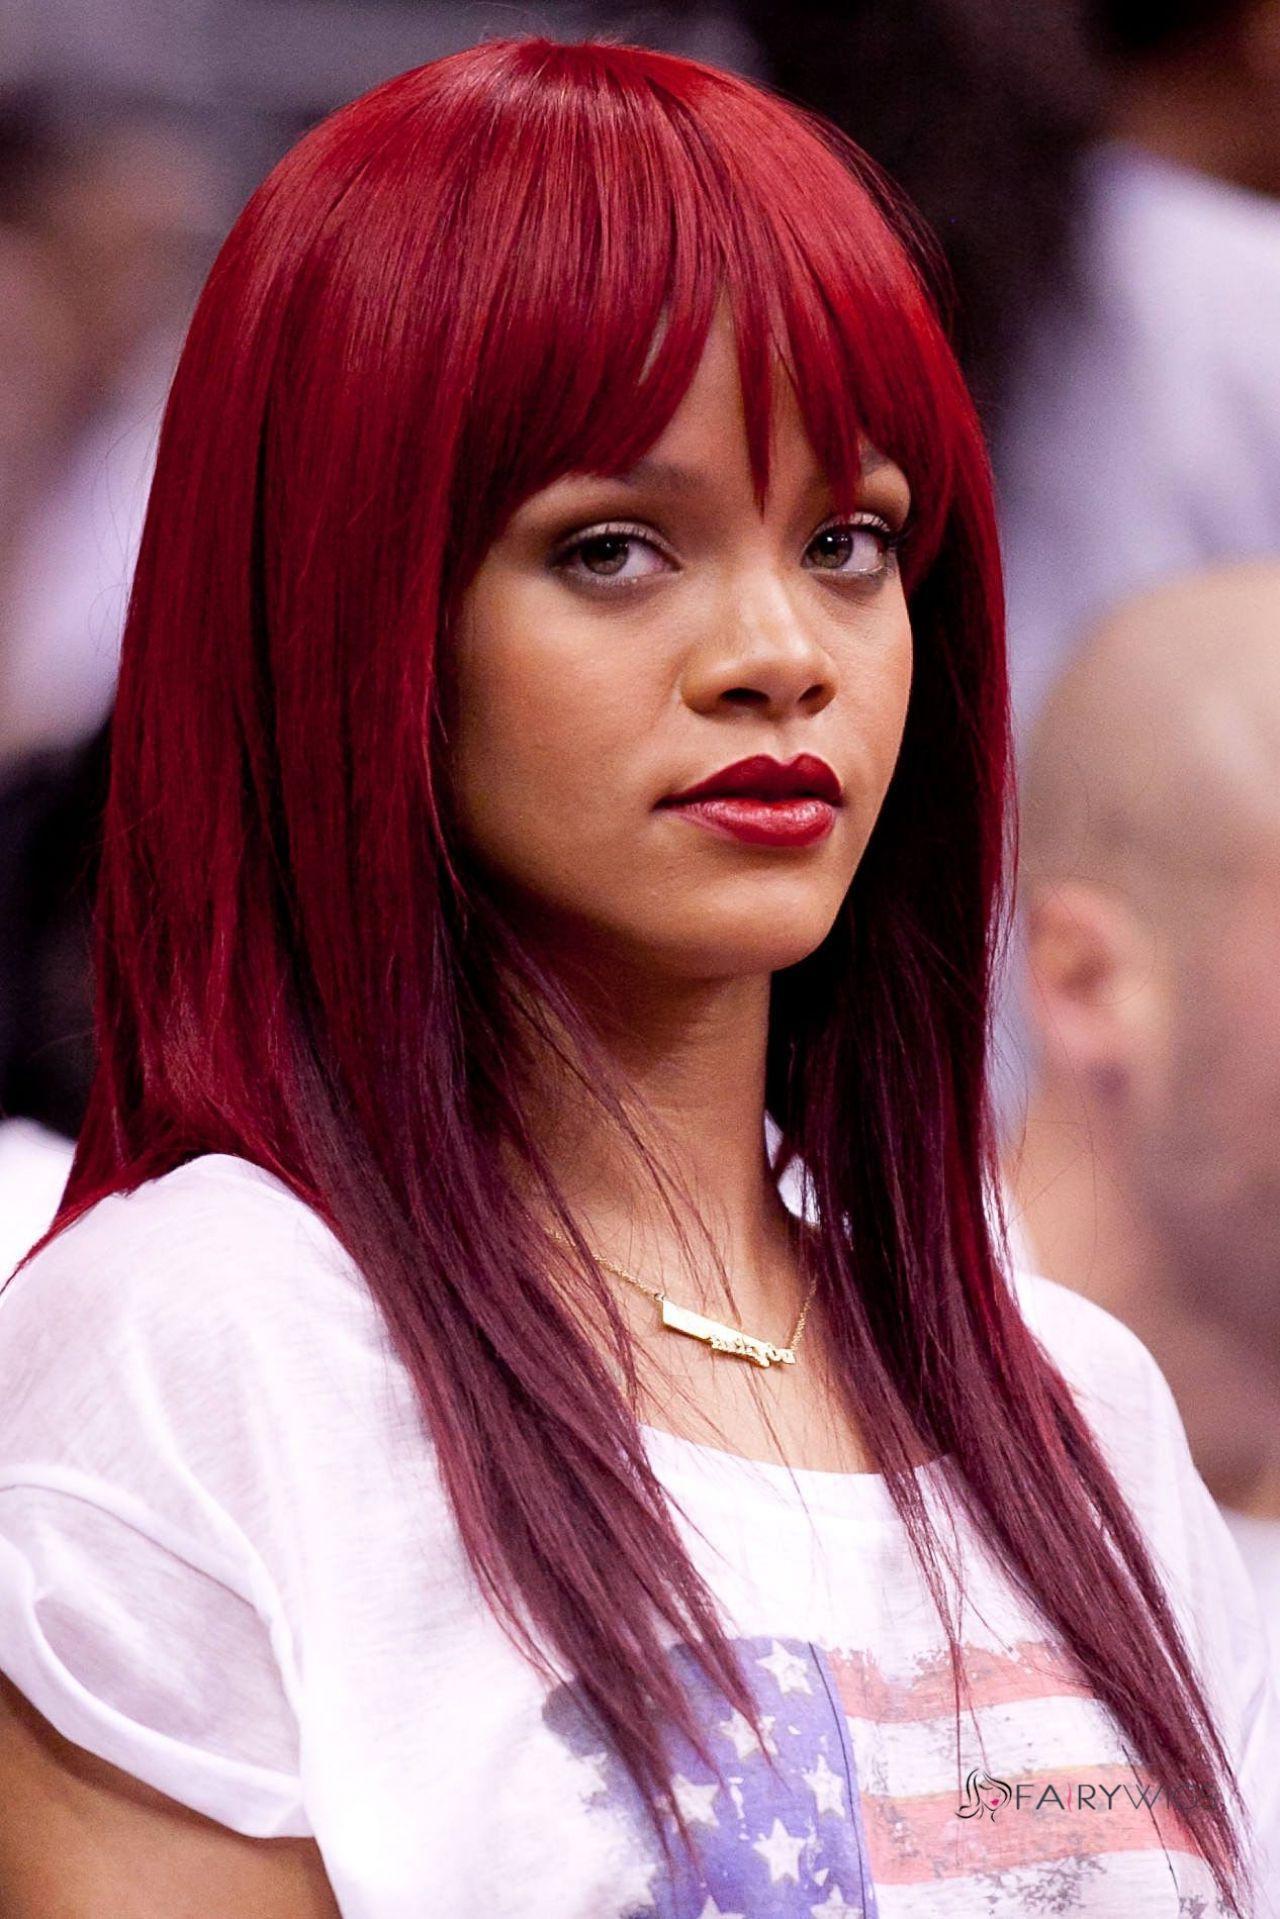 Rihannas Red Hair Bangs Hairspiration Pinterest Red Hair